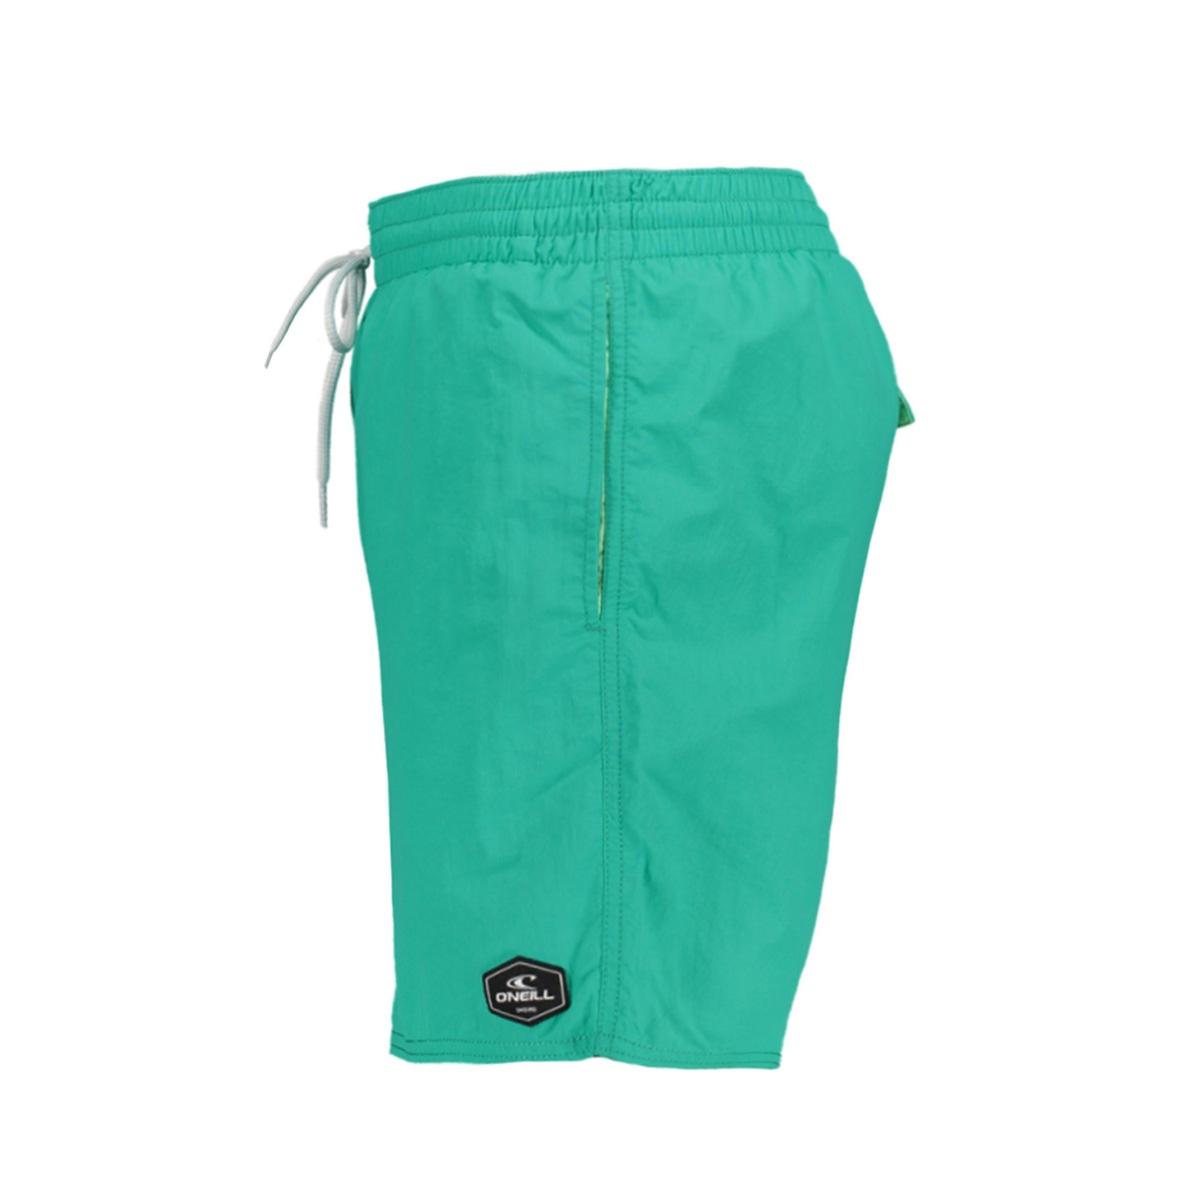 pm vert shorts 0a3240 o`neill korte broek 6151 salina green